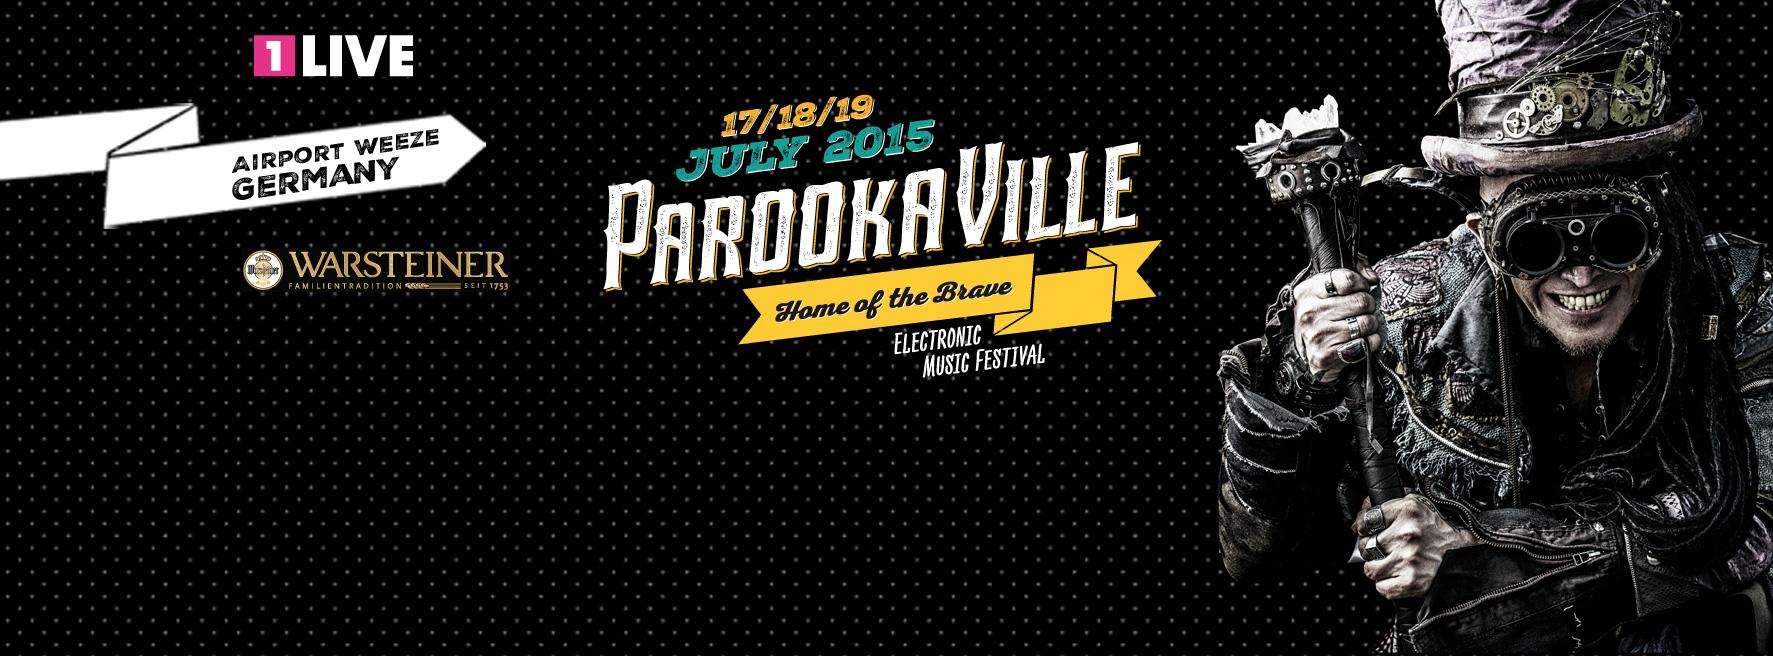 PAROOKAVILLE: erste Acts und Pläne